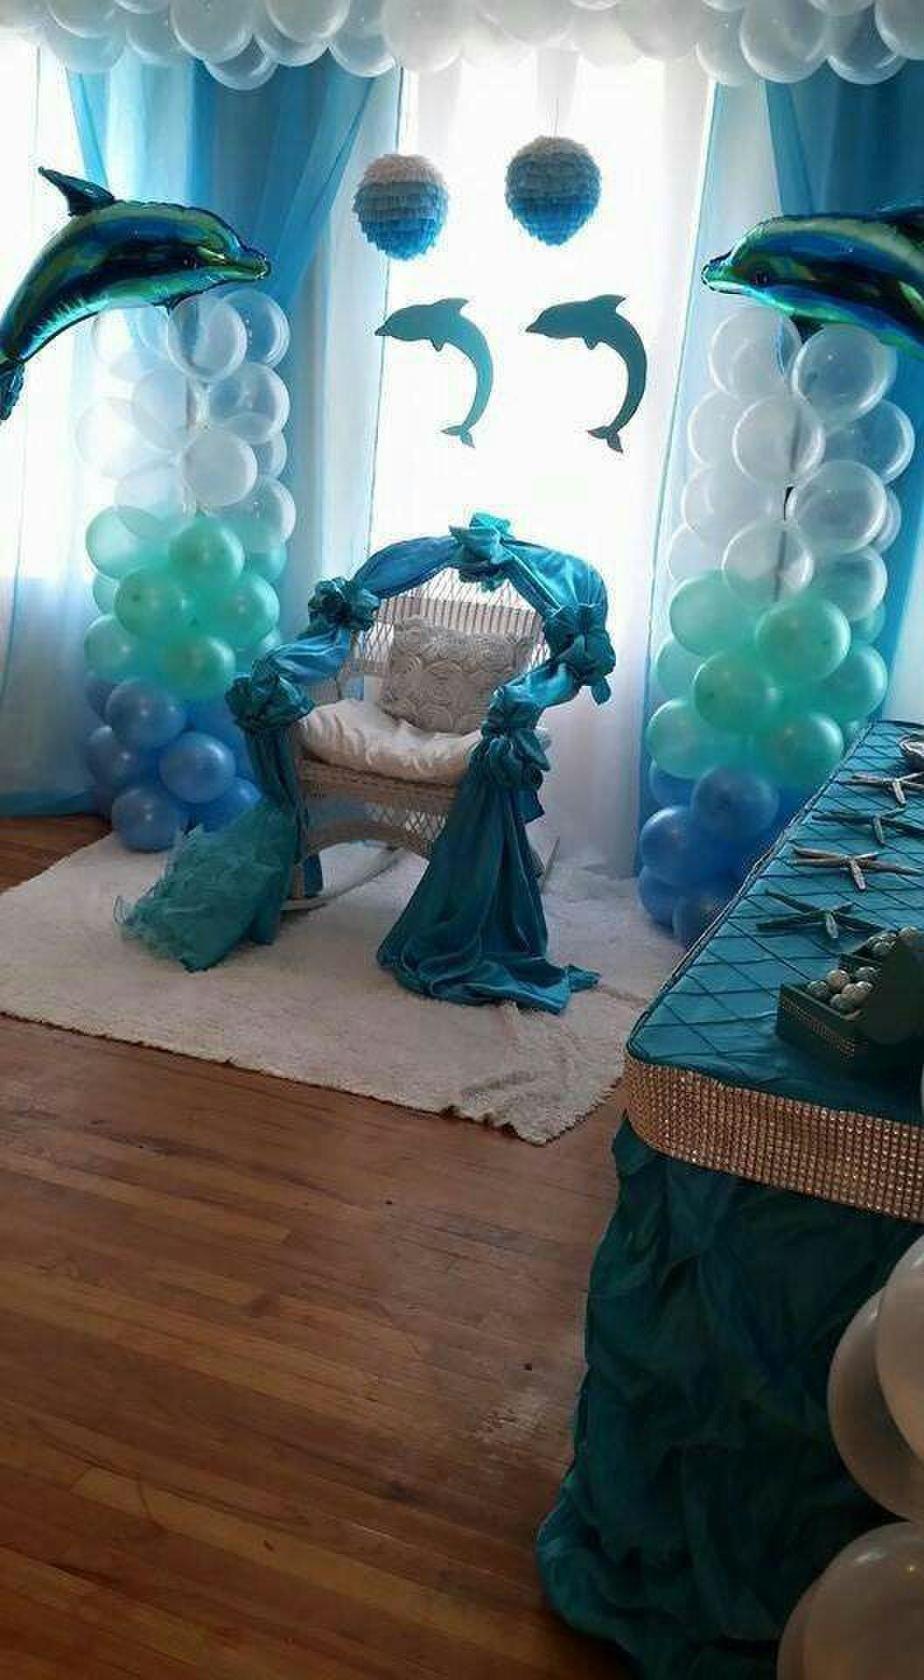 Фотография | Девушка душ, Праздник в честь рождения малыша ...